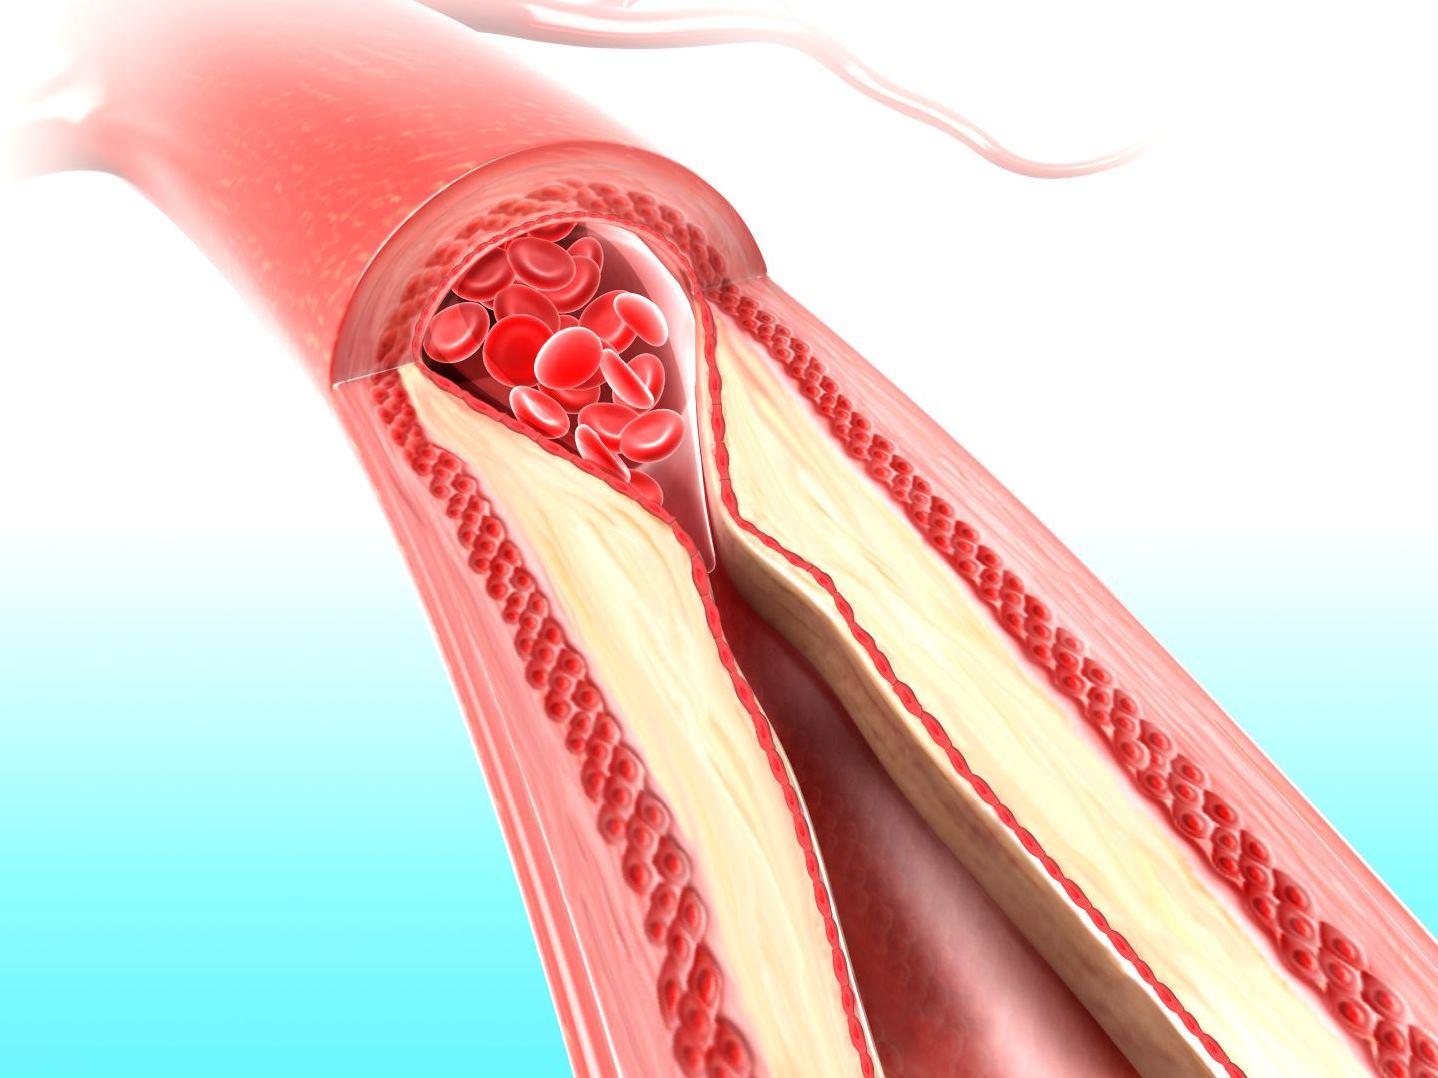 Сужение кровеносных сосудов является осложнением энтероколита у новорожденных